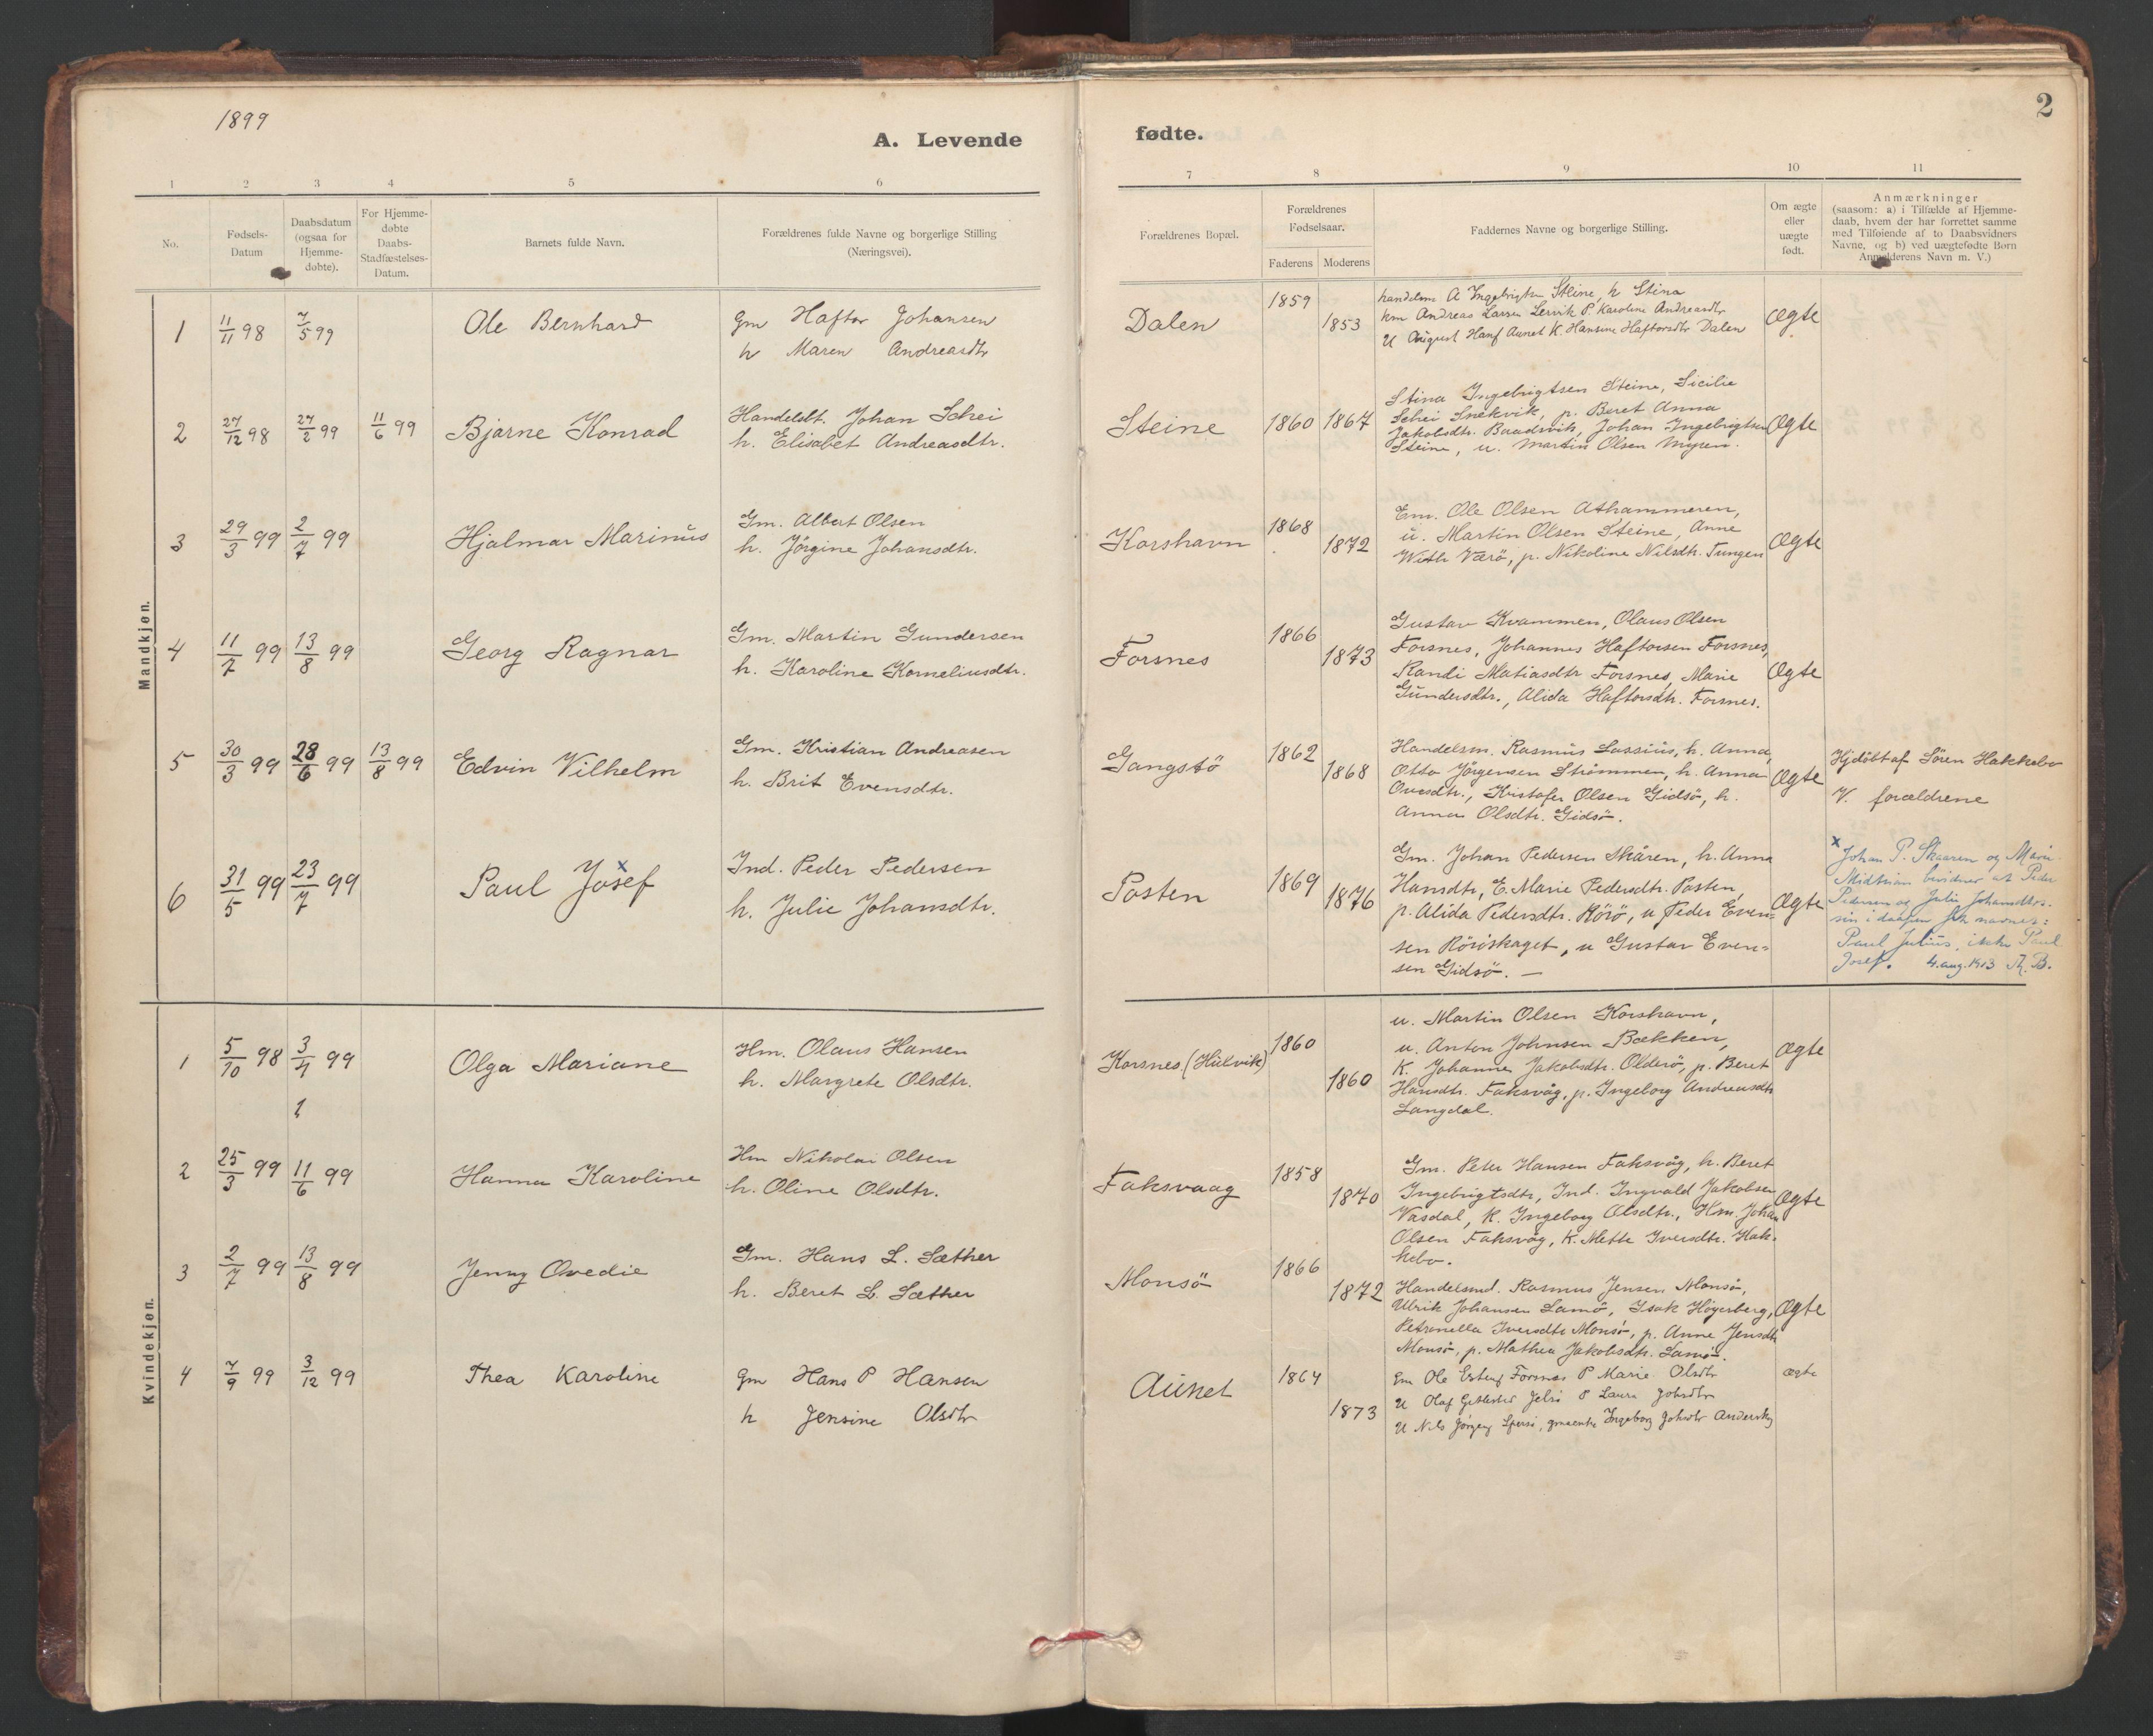 SAT, Ministerialprotokoller, klokkerbøker og fødselsregistre - Sør-Trøndelag, 635/L0552: Ministerialbok nr. 635A02, 1899-1919, s. 2